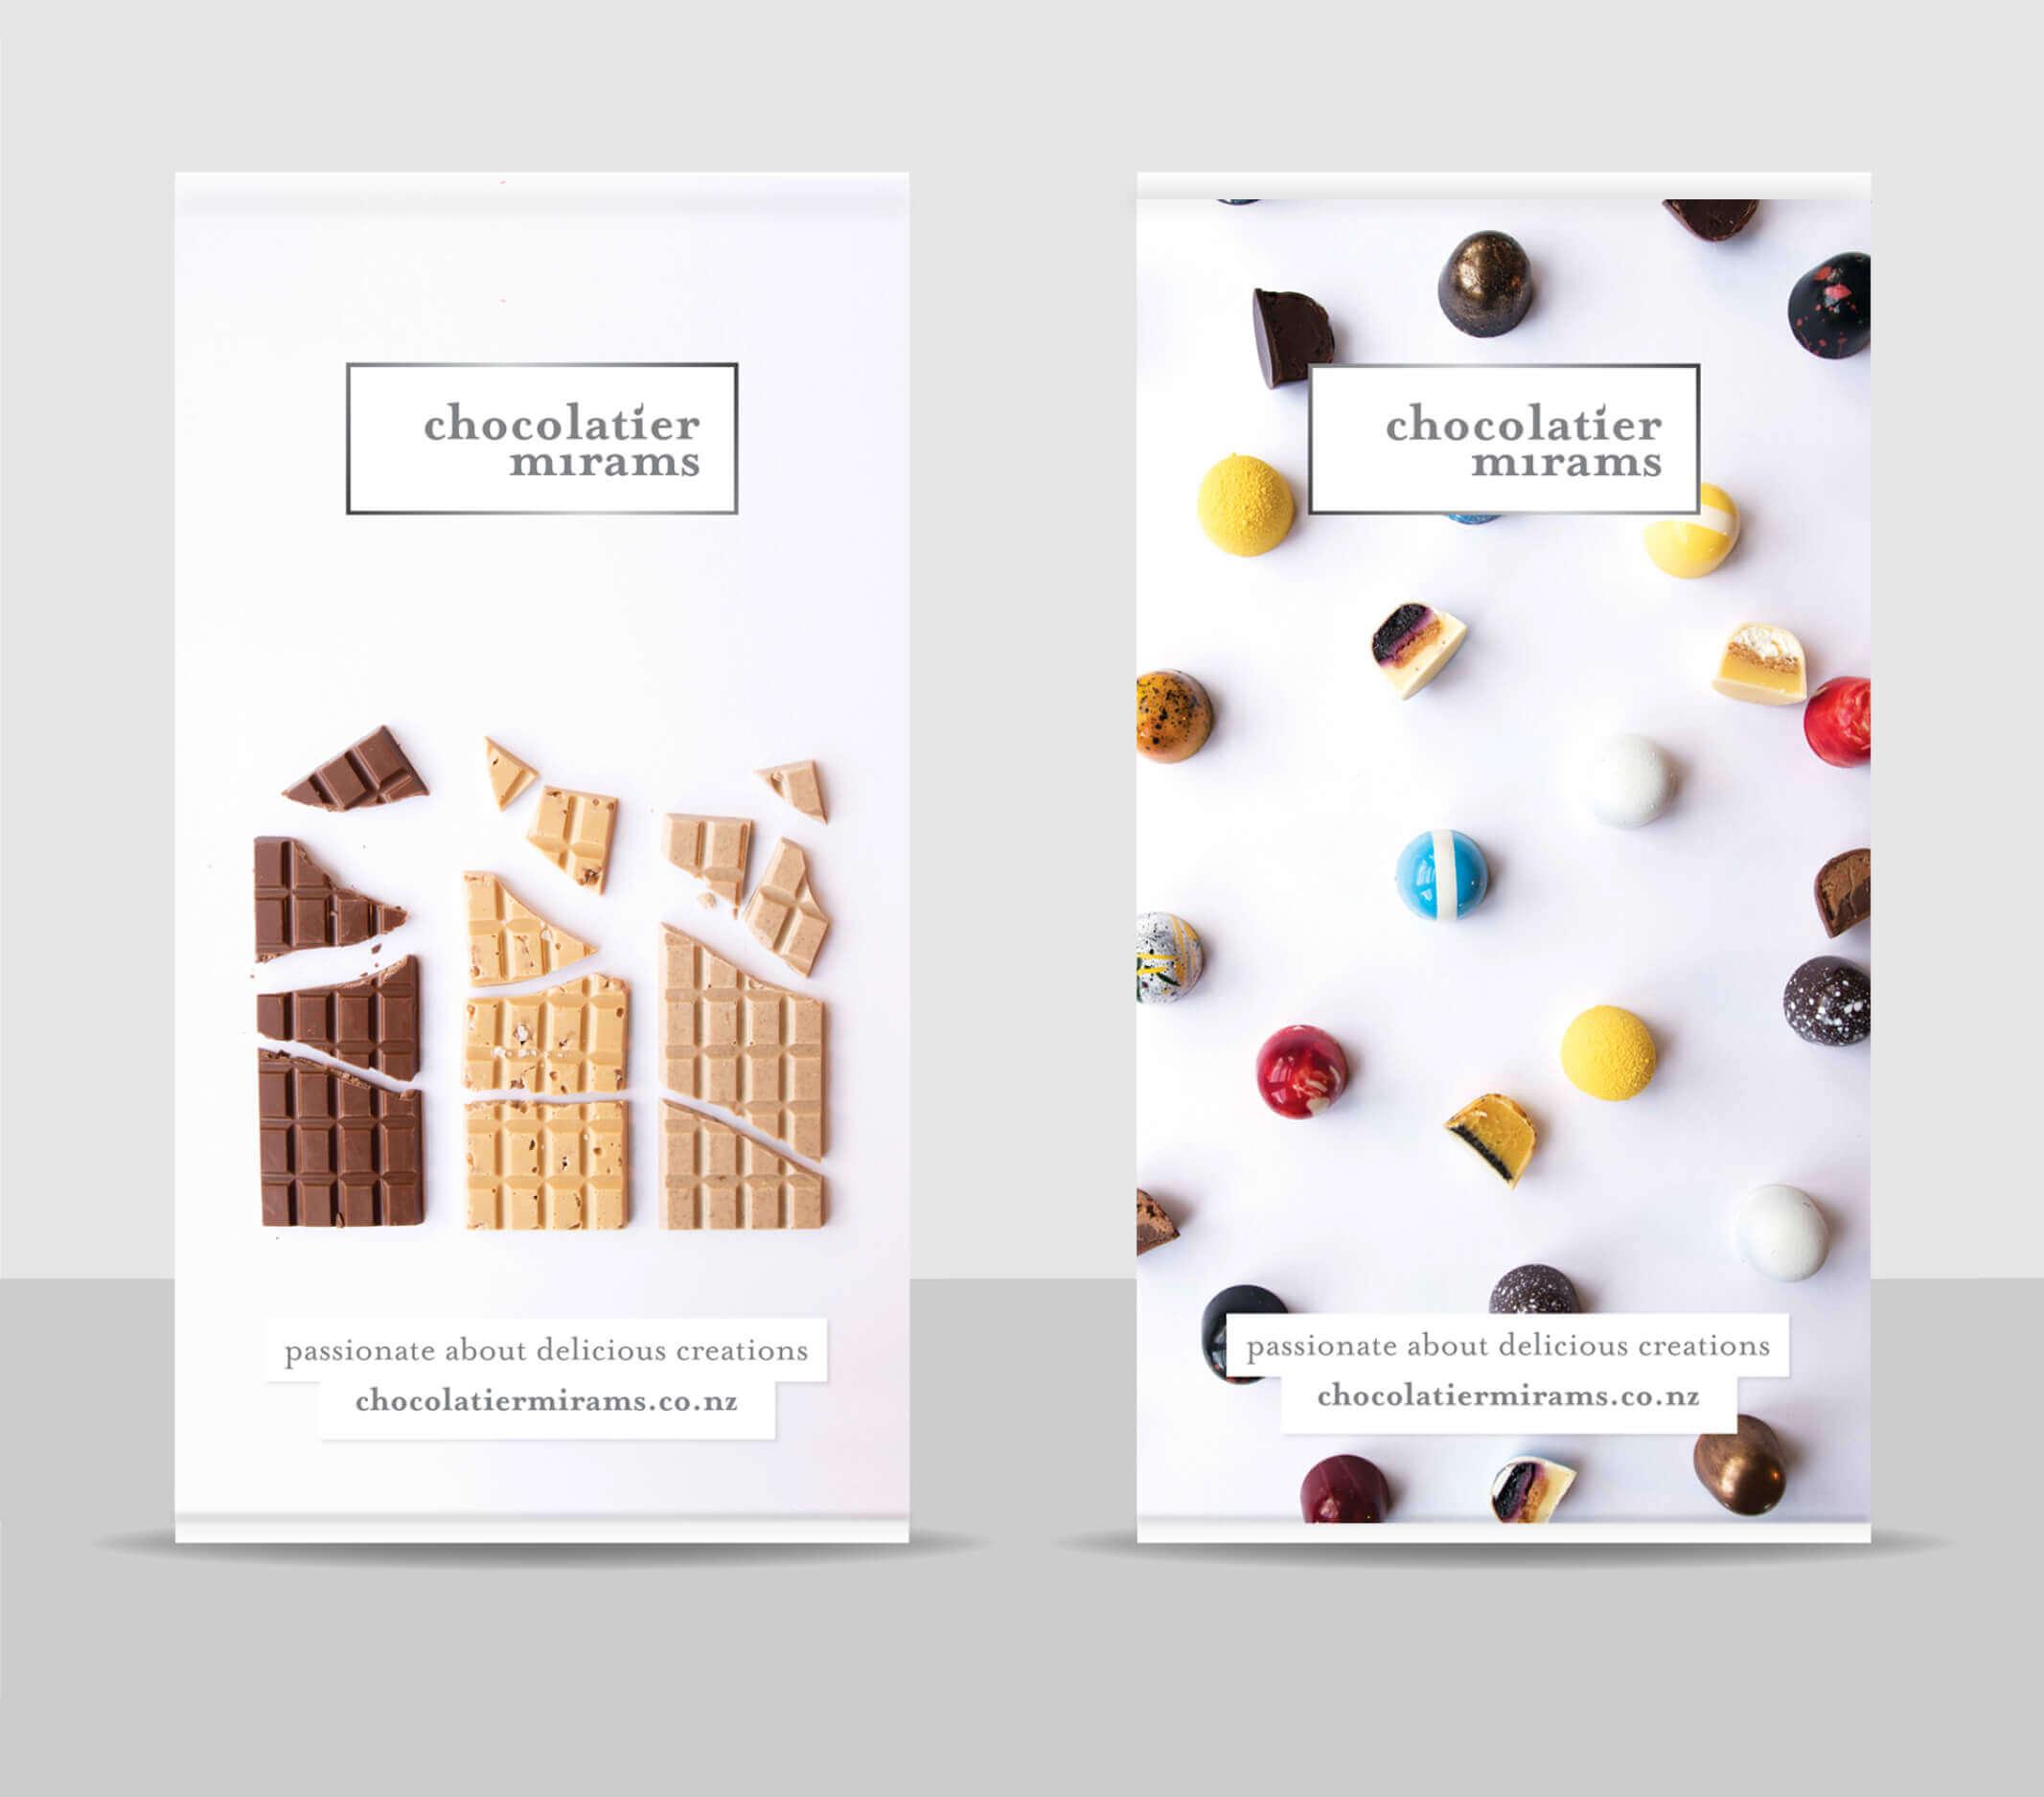 Chocolatier Mirams Banners